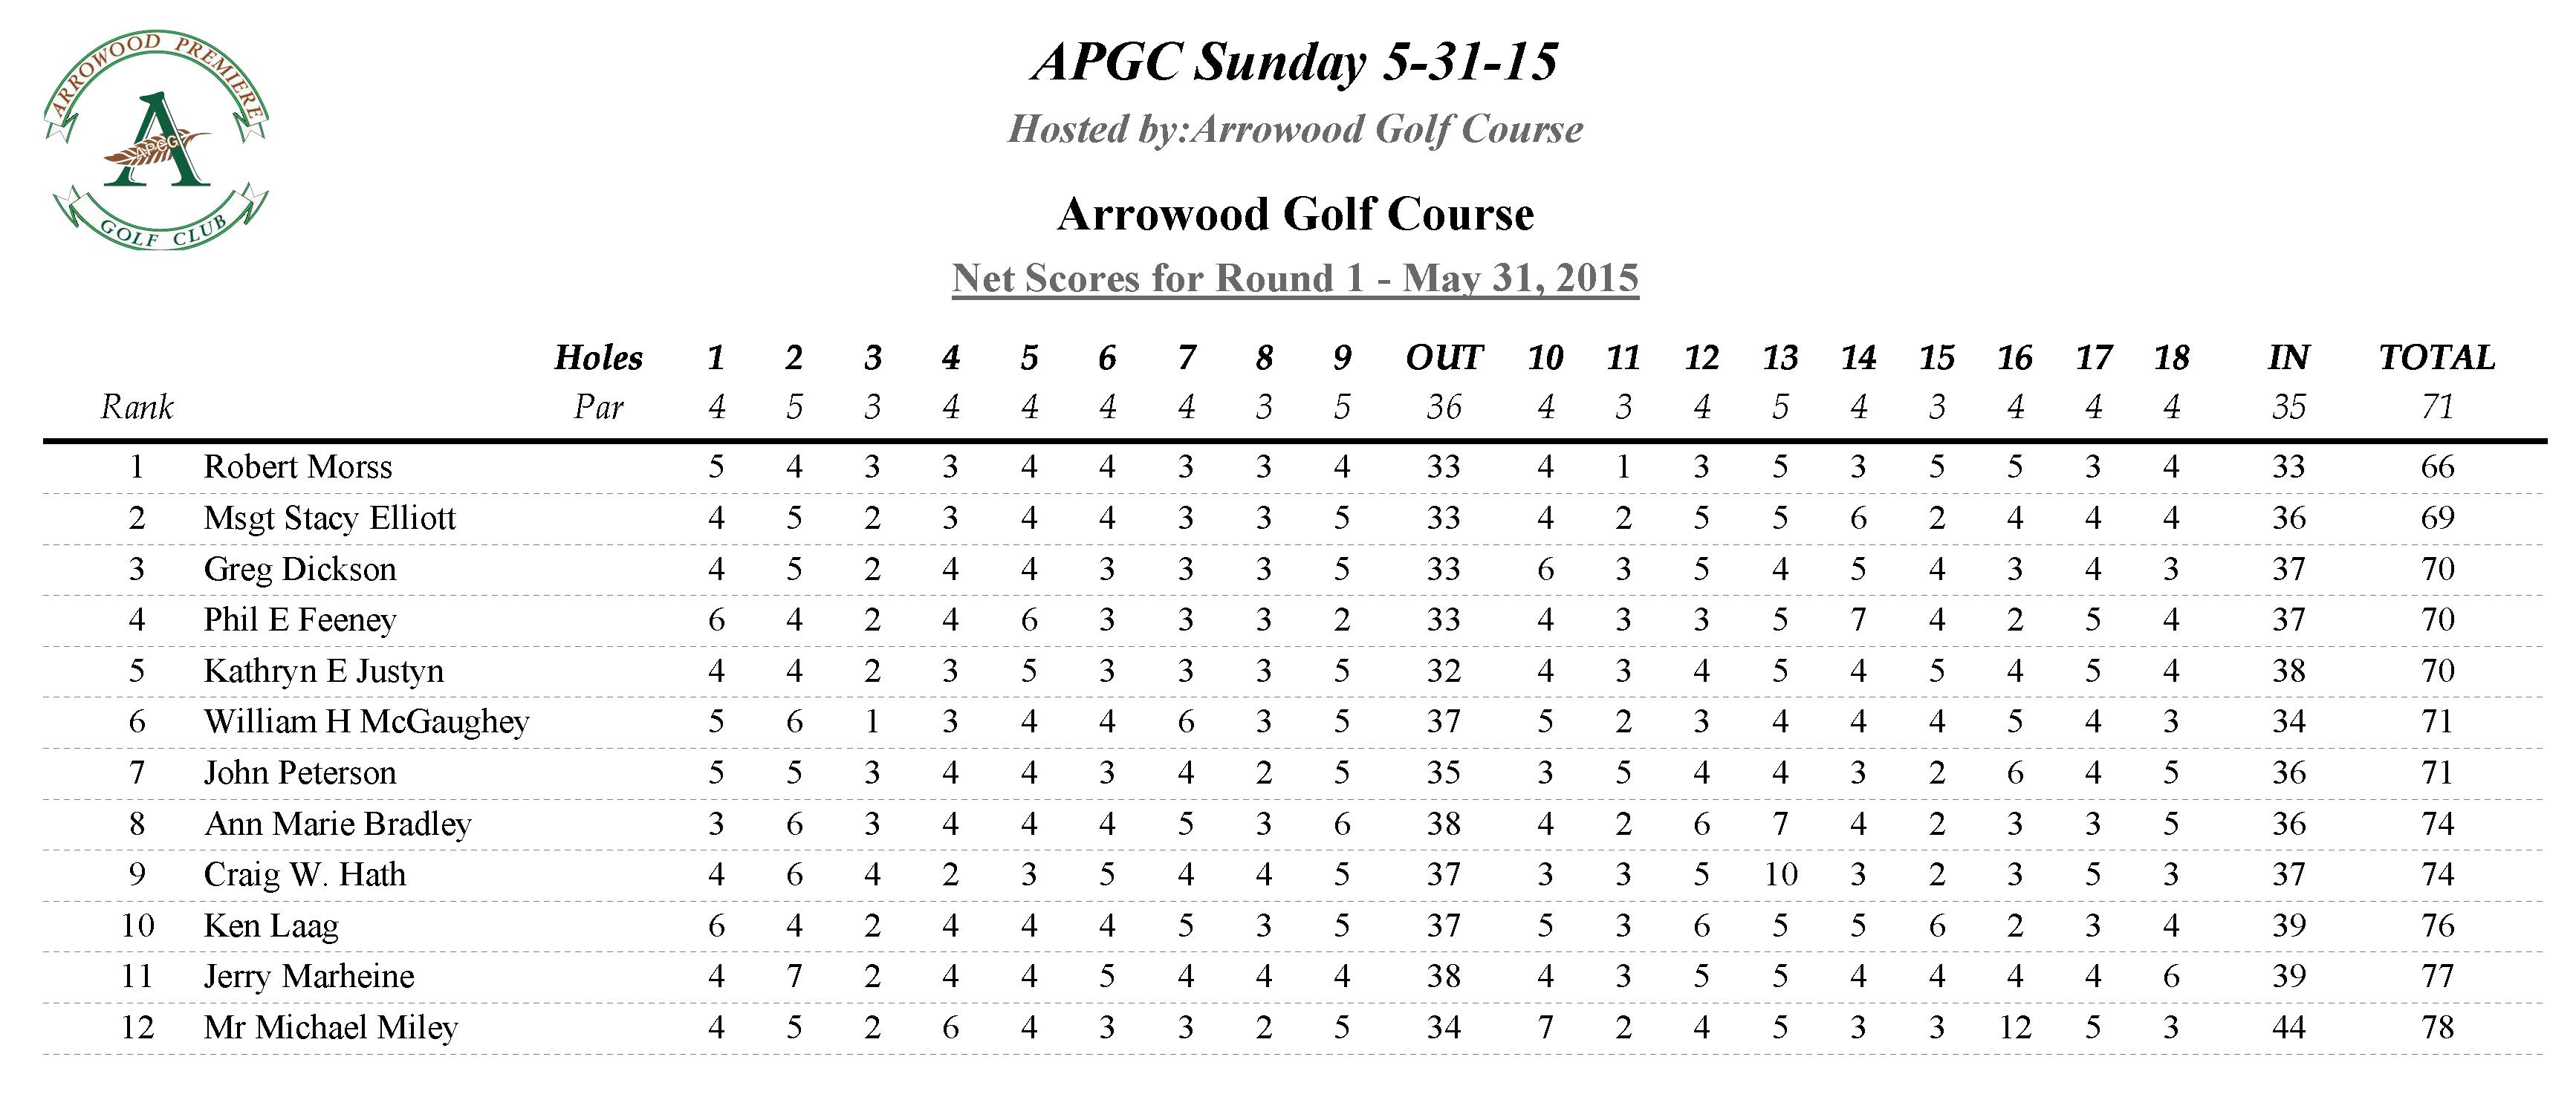 APGC 5-30-15